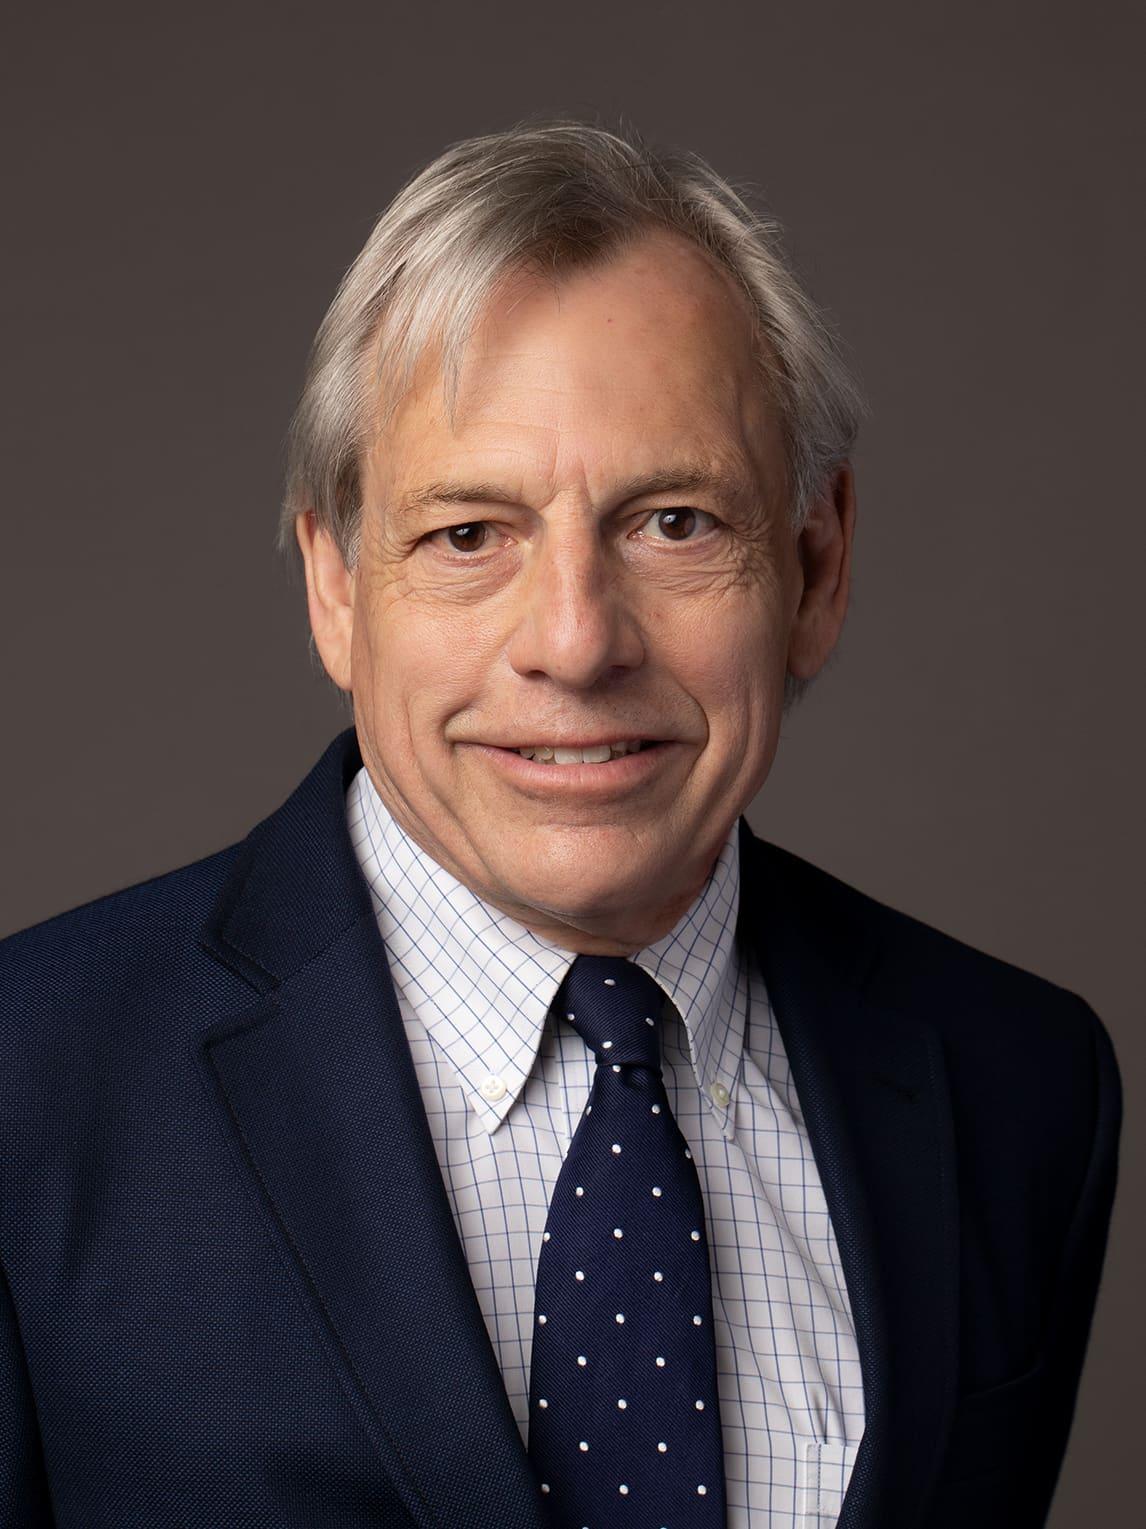 John Kveton